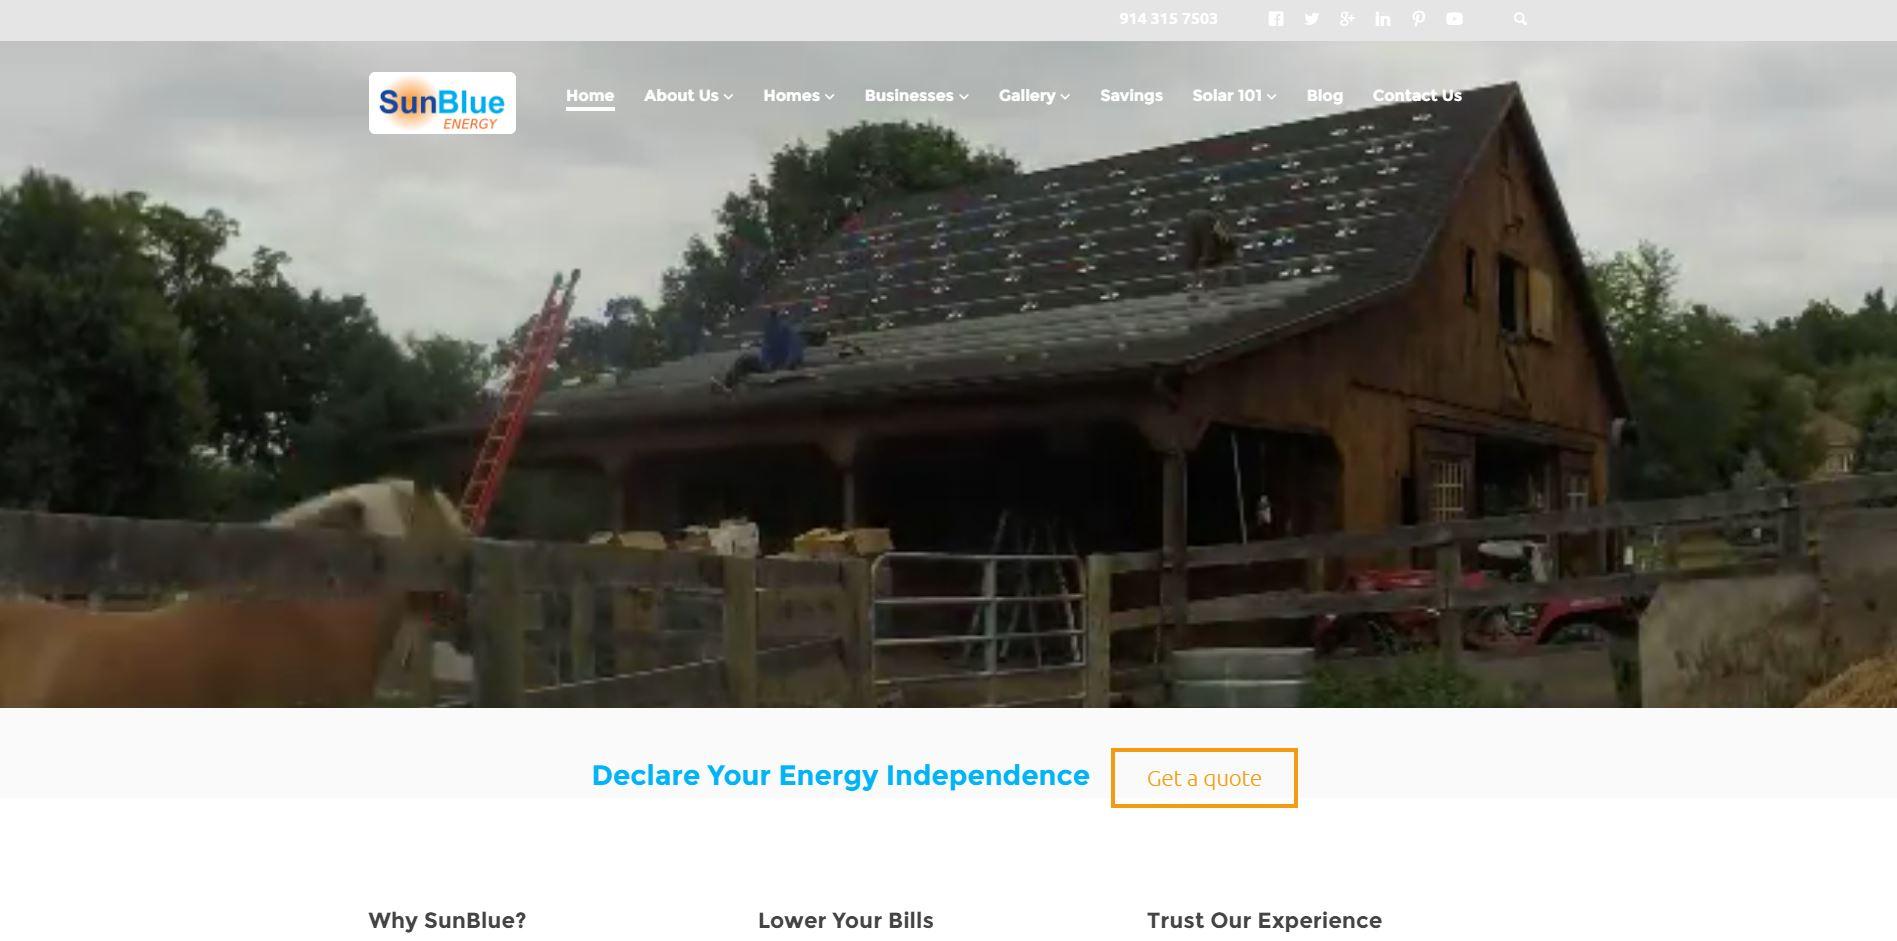 SunbBlue Energy